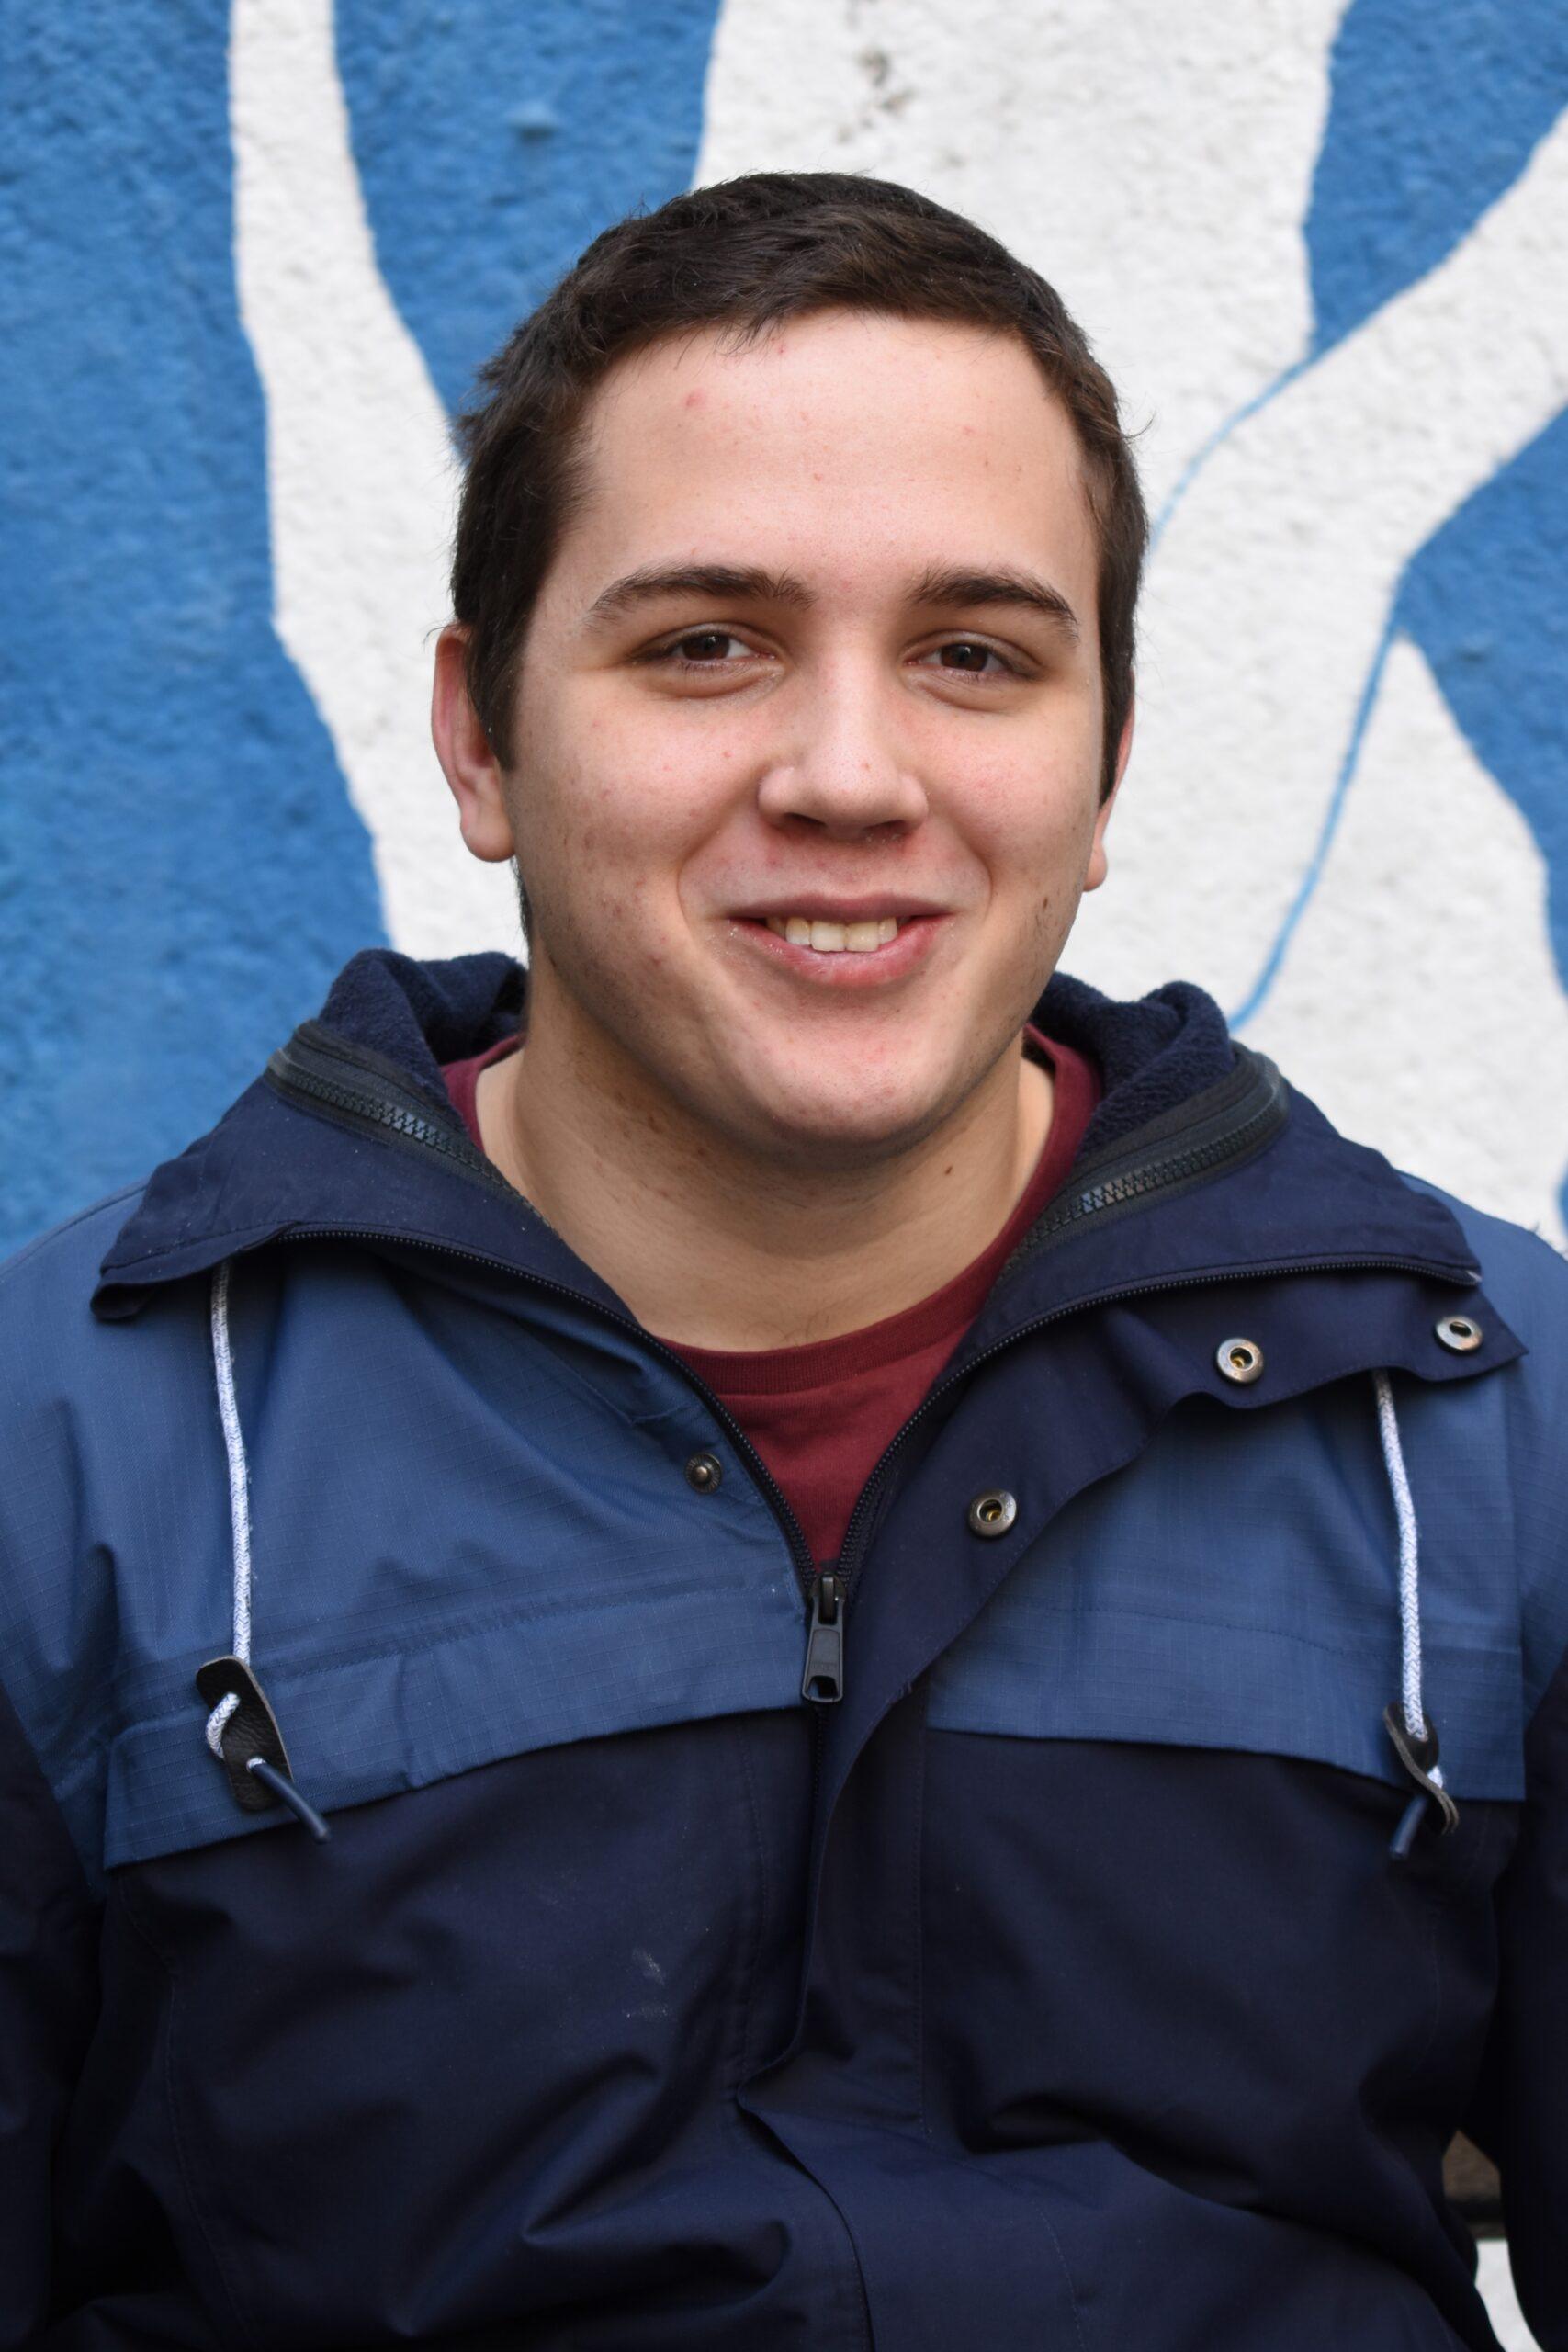 FILIP (21) Veliki ljubitelj kuhanja, šetnji u prirodi i kompjuterskih igrica. Voli pomagati drugim ljudima kad god je potrebno.